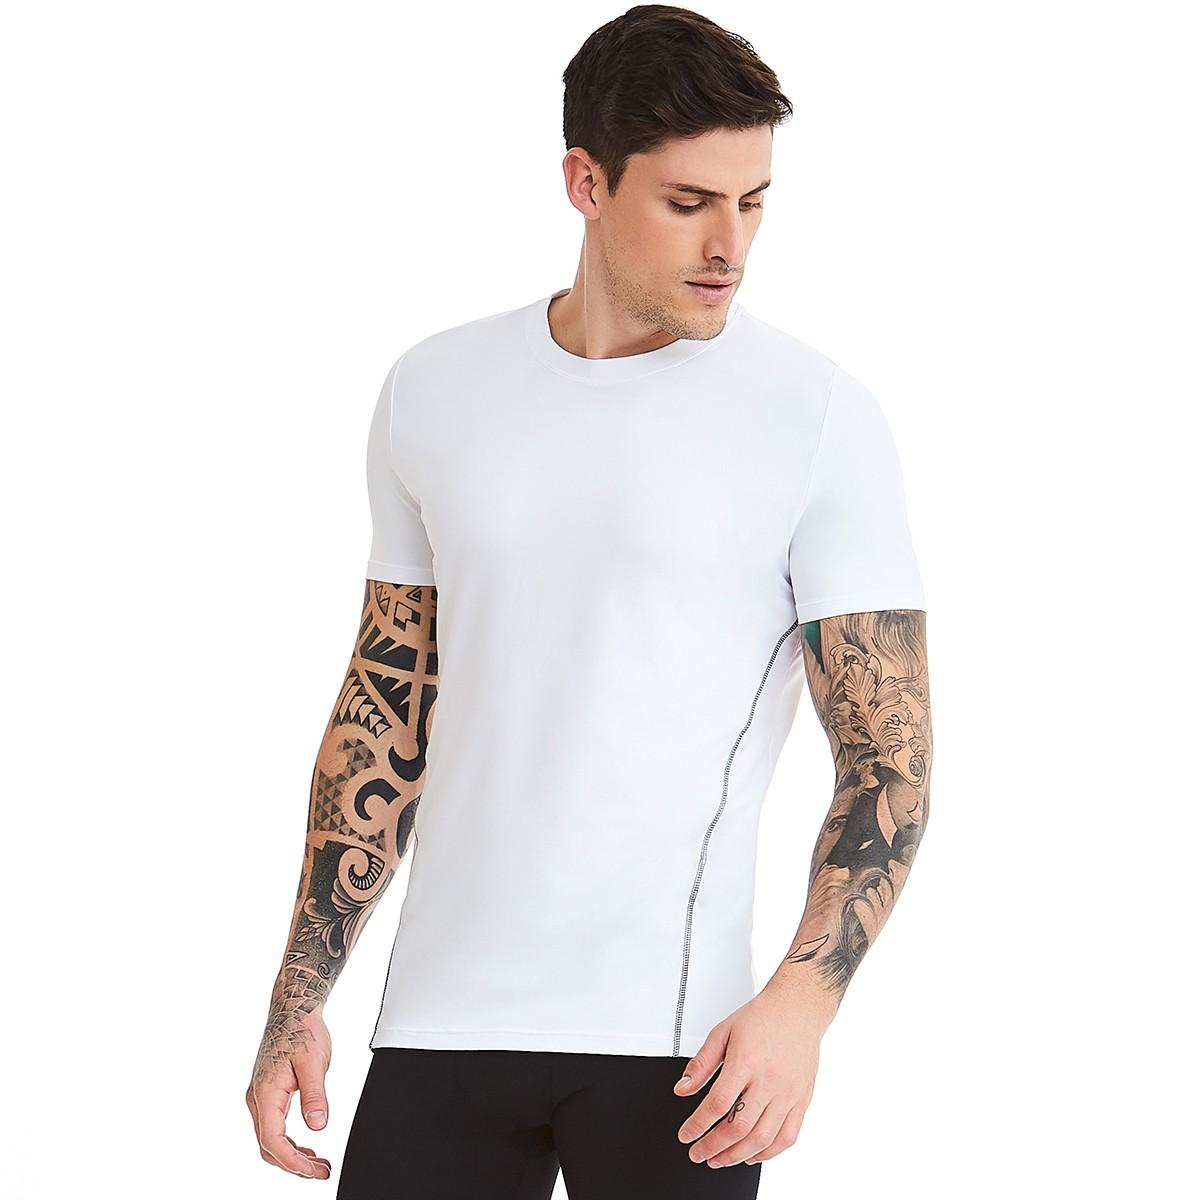 Camiseta Masculina GO! CAJUBRASIL Activewear